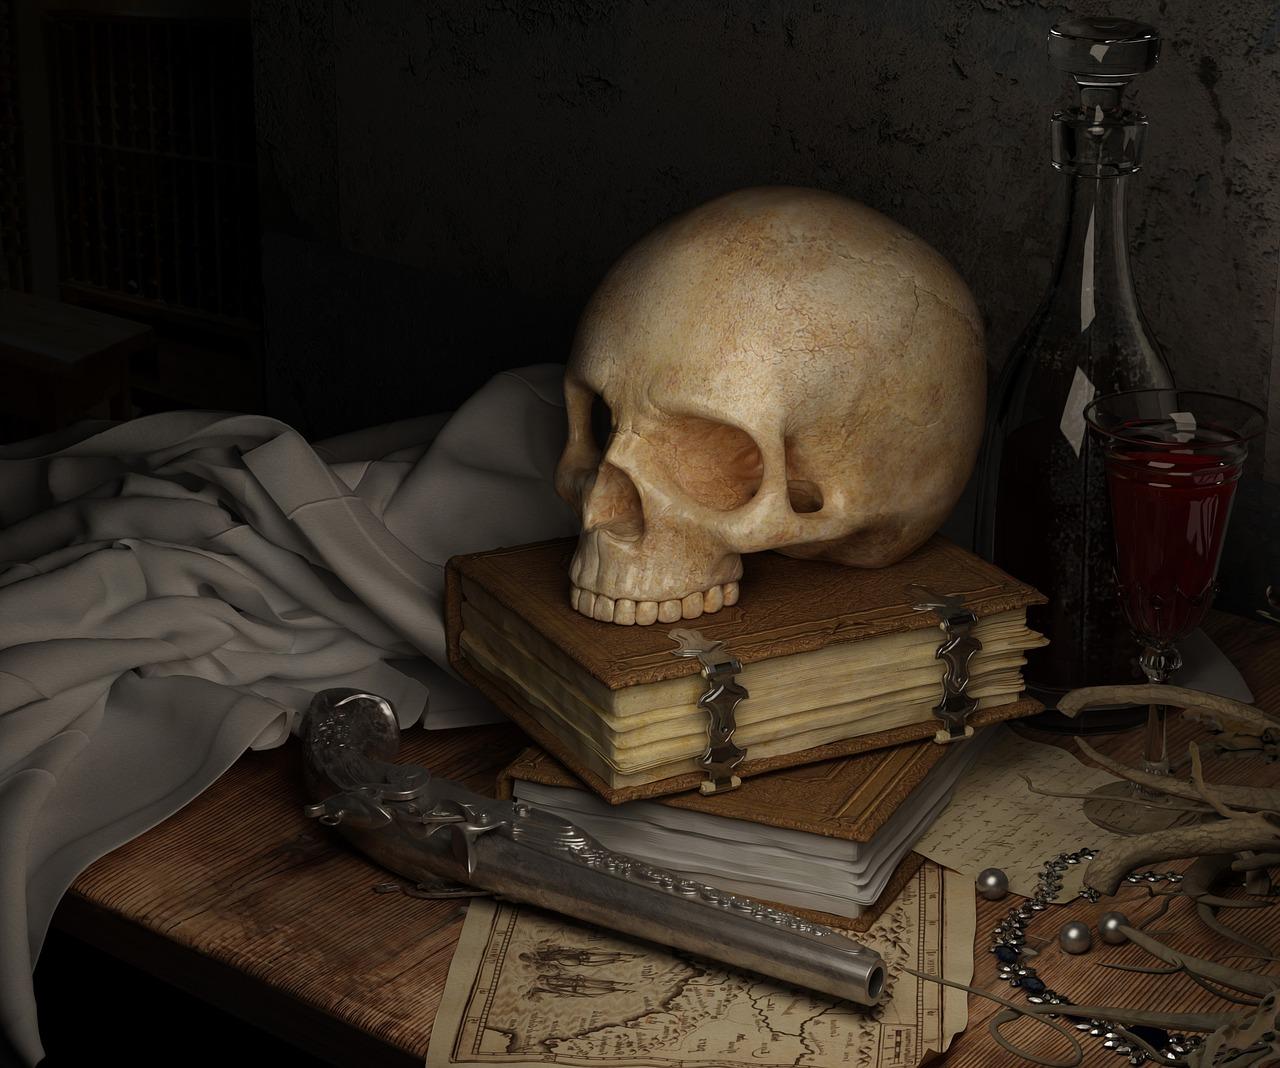 Spłata pożyczki po śmierci pożyczkobiorcy- do kogo zapuka wierzyciel?